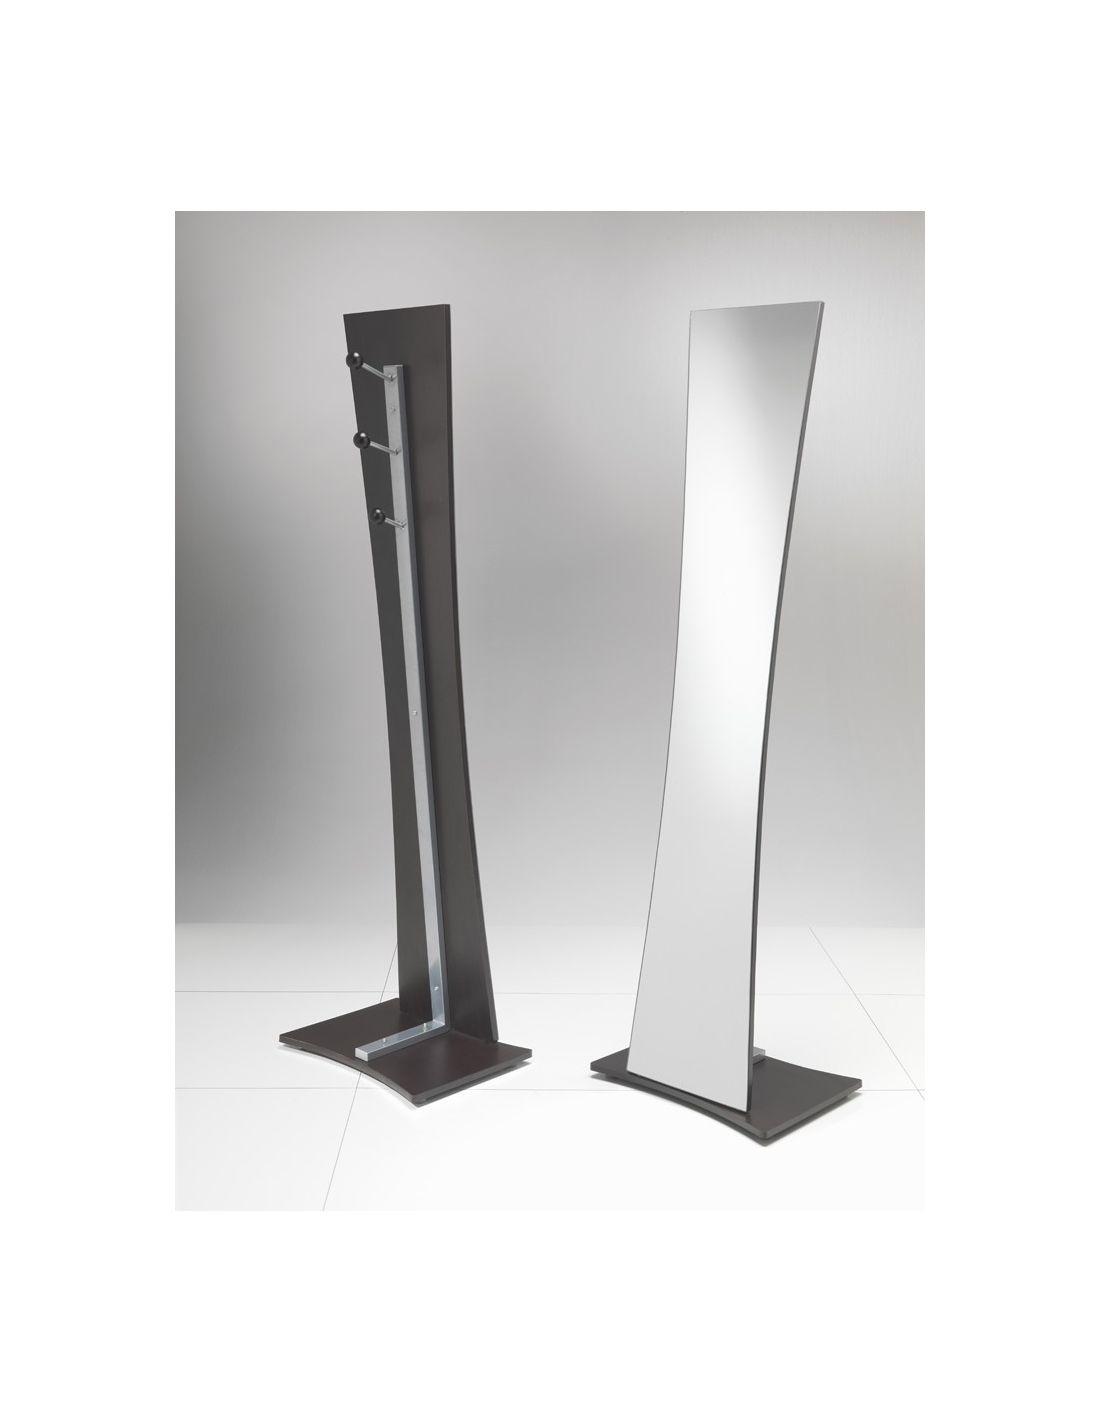 Specchiera da terra noriko con attaccapanni in metallo 160 cm for Specchiera ikea